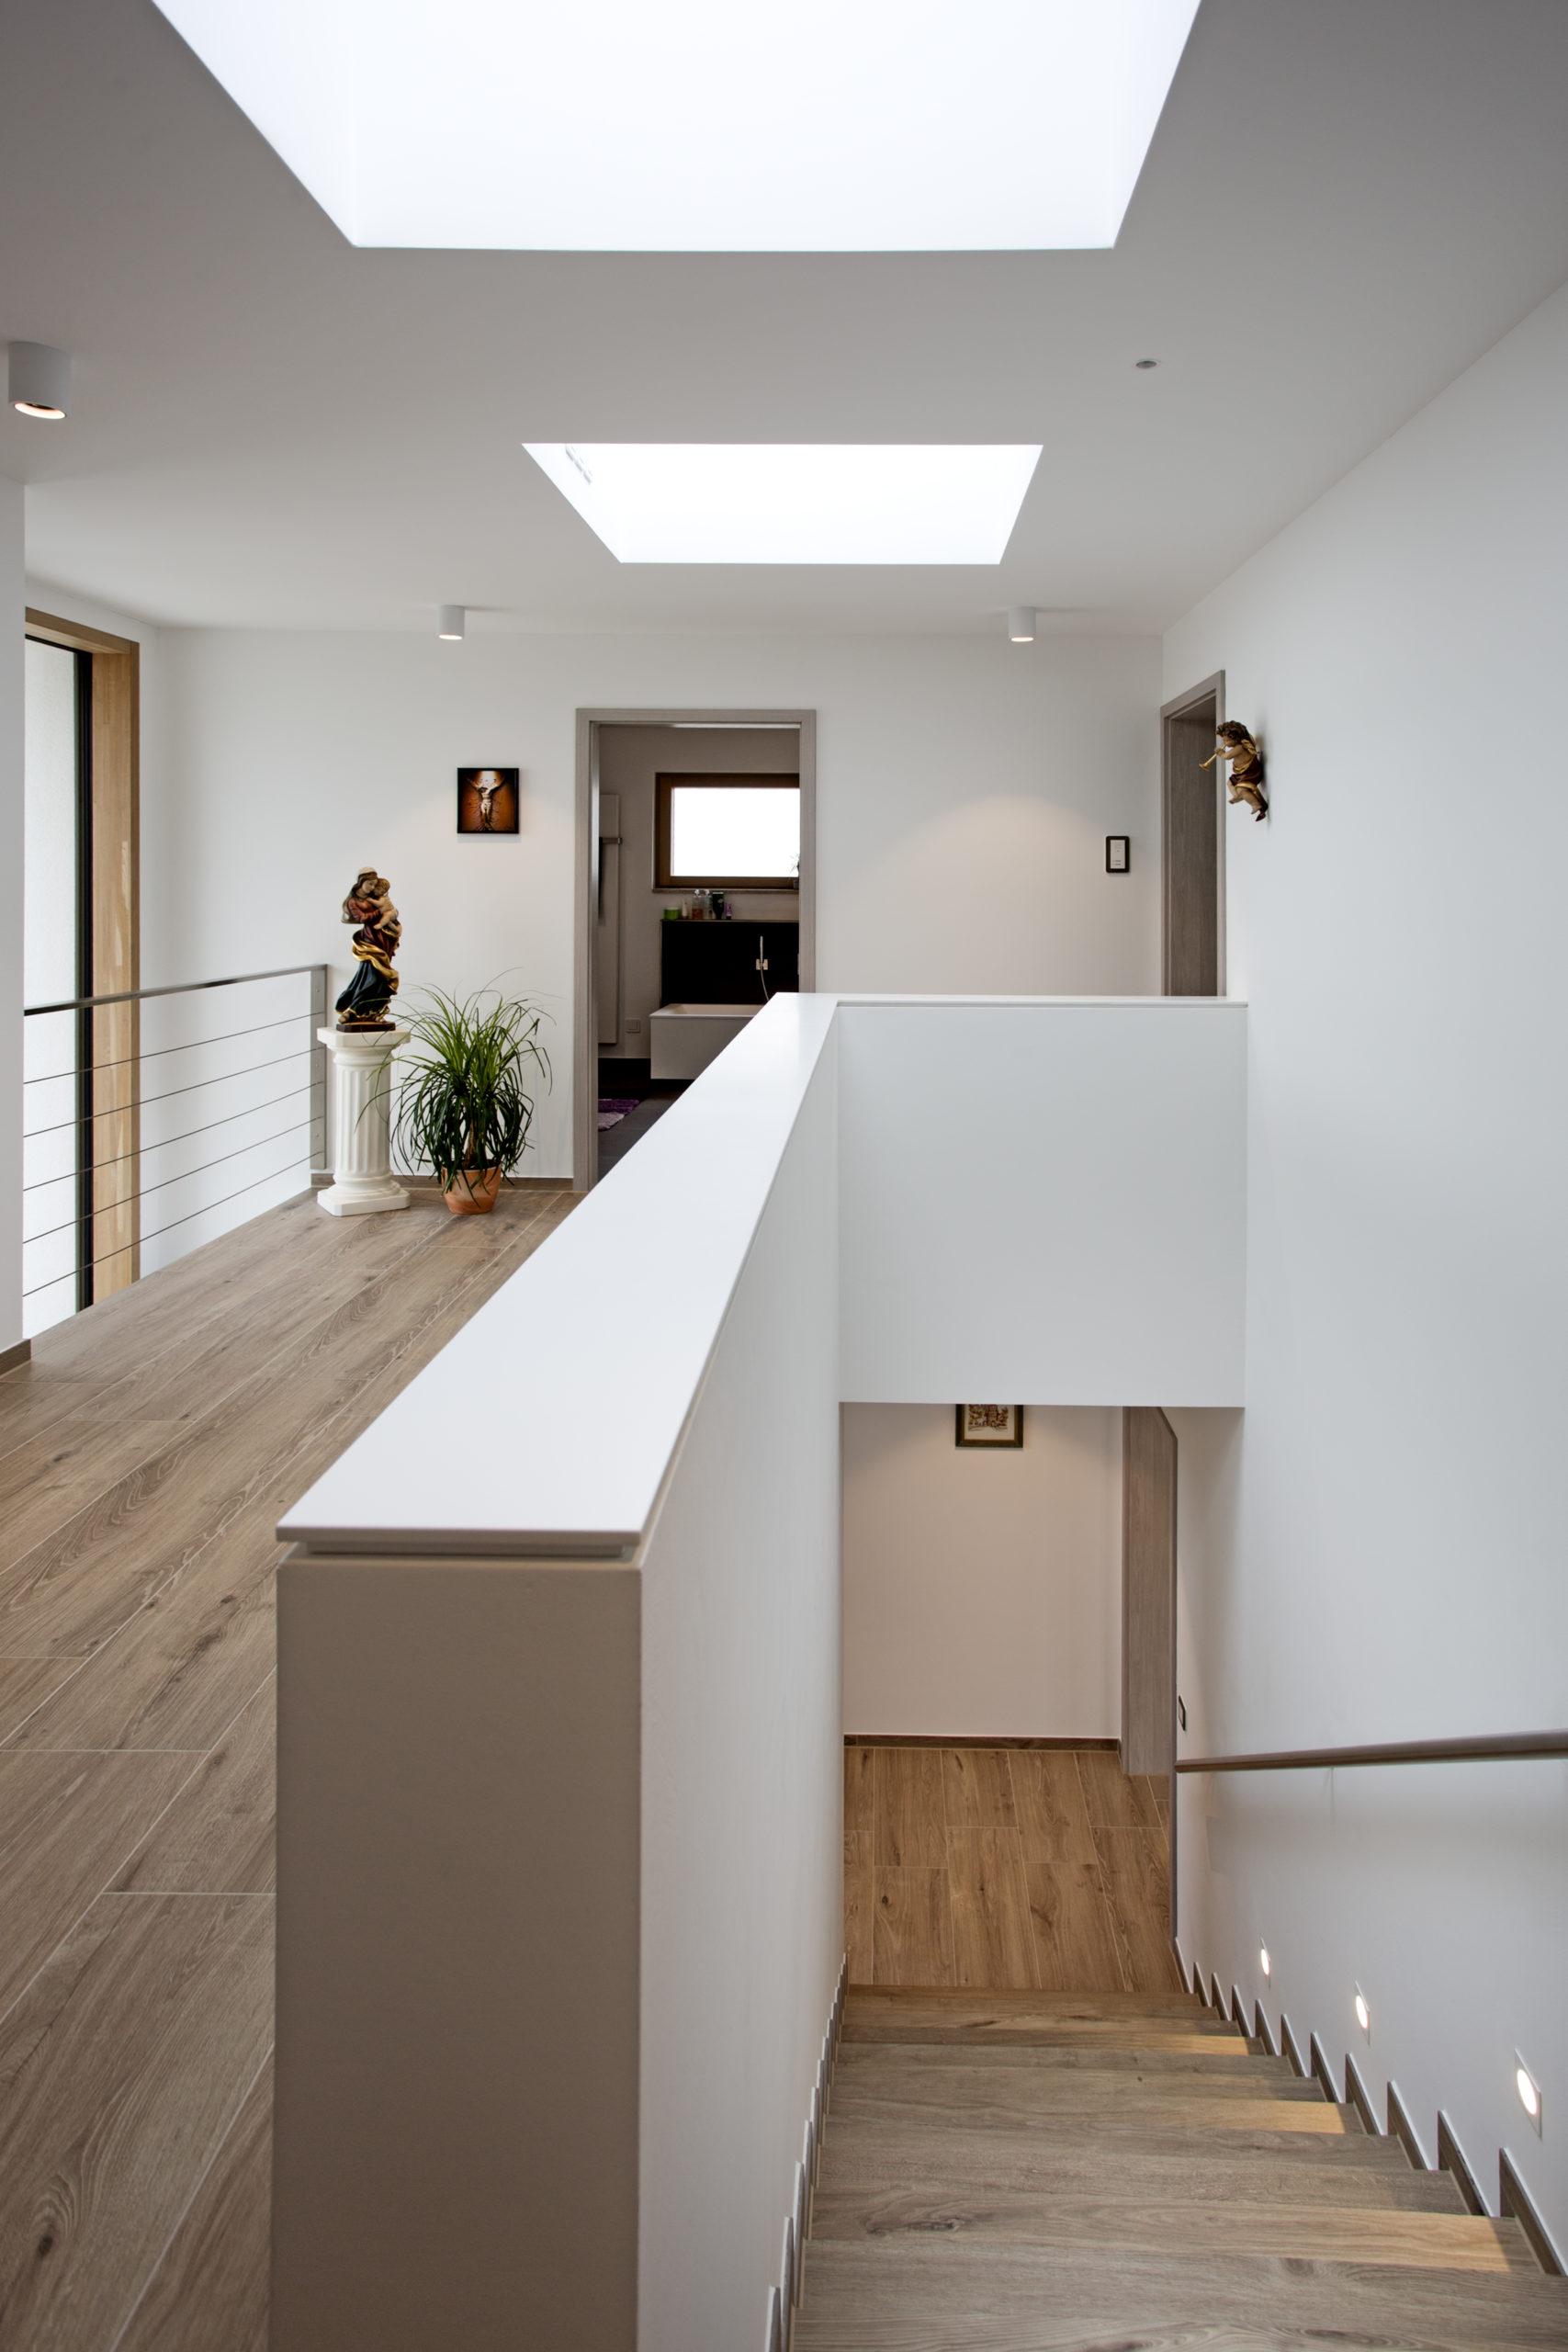 Das Treppenhaus wird mehrfach belichtet – mit Dachfenstern und der Glasfläche, die sich über dem Eingang bis ins Obergeschoss zieht